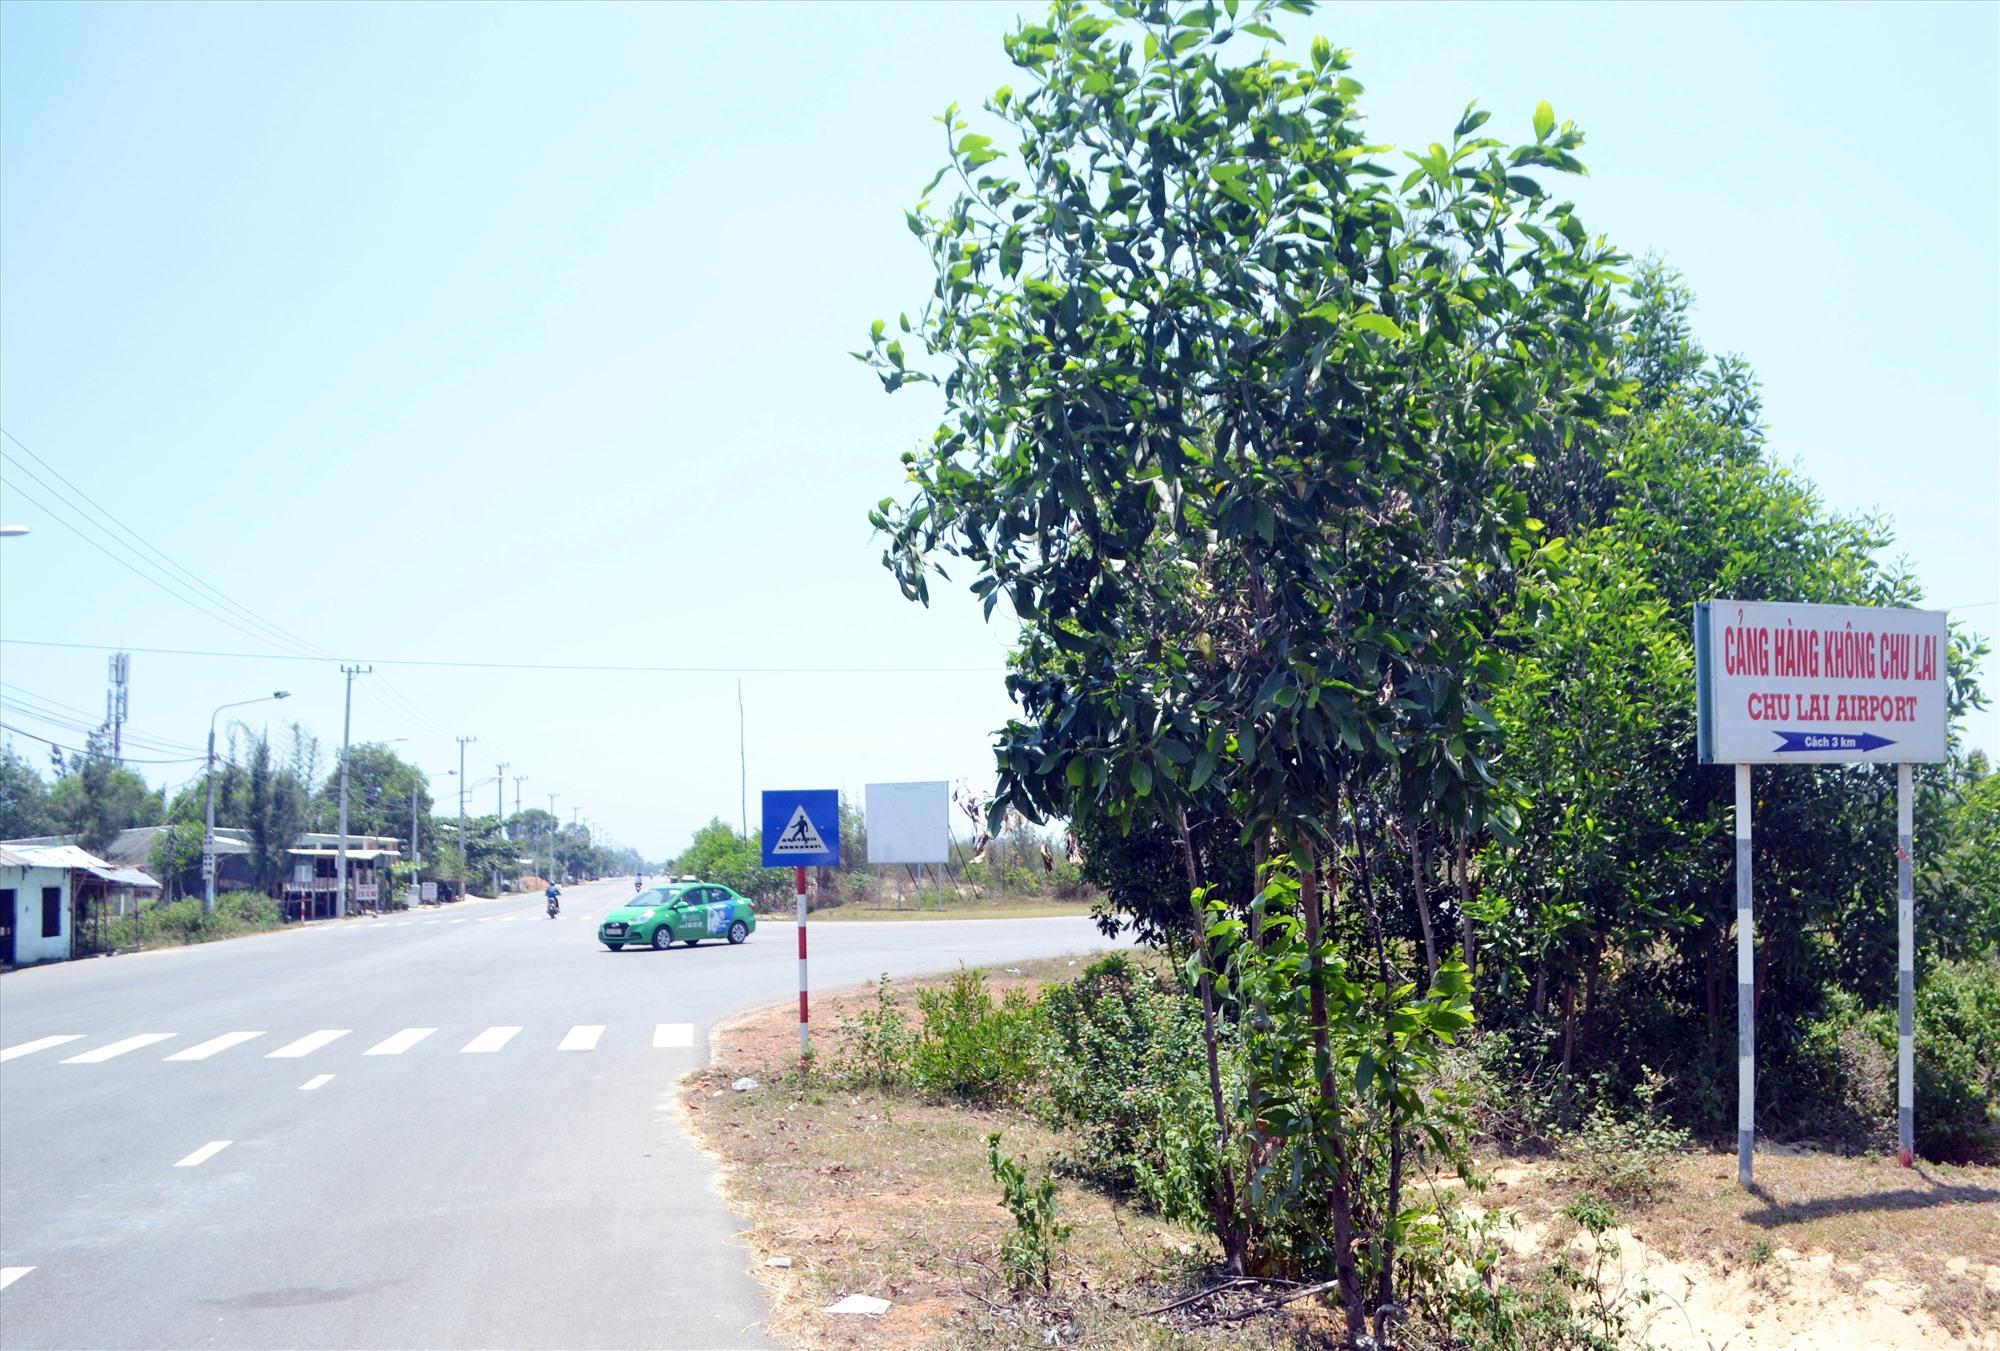 Điểm cuối dự án đường 129 giai đoạn 2 kết nối với đường vào sân bay Chu Lai đang vướng mặt bằng thi công. Ảnh: T.C.T